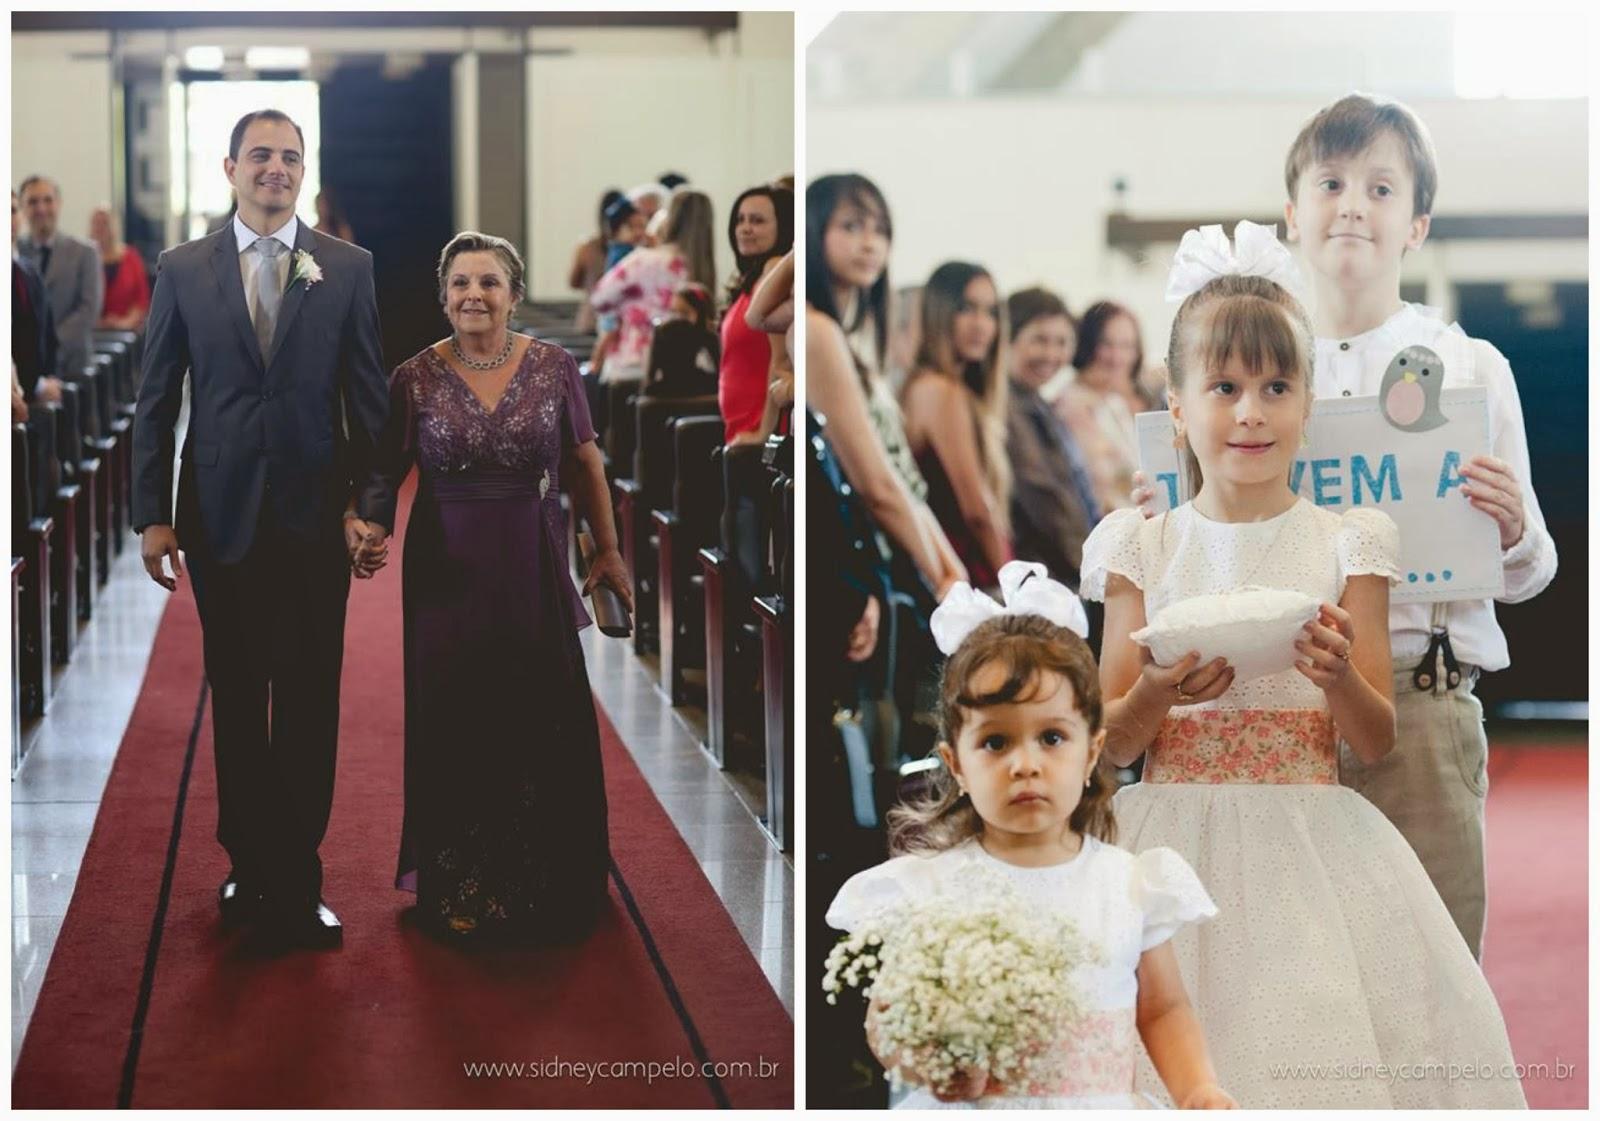 romantico-cerimonia-criancas-entrada-noivo